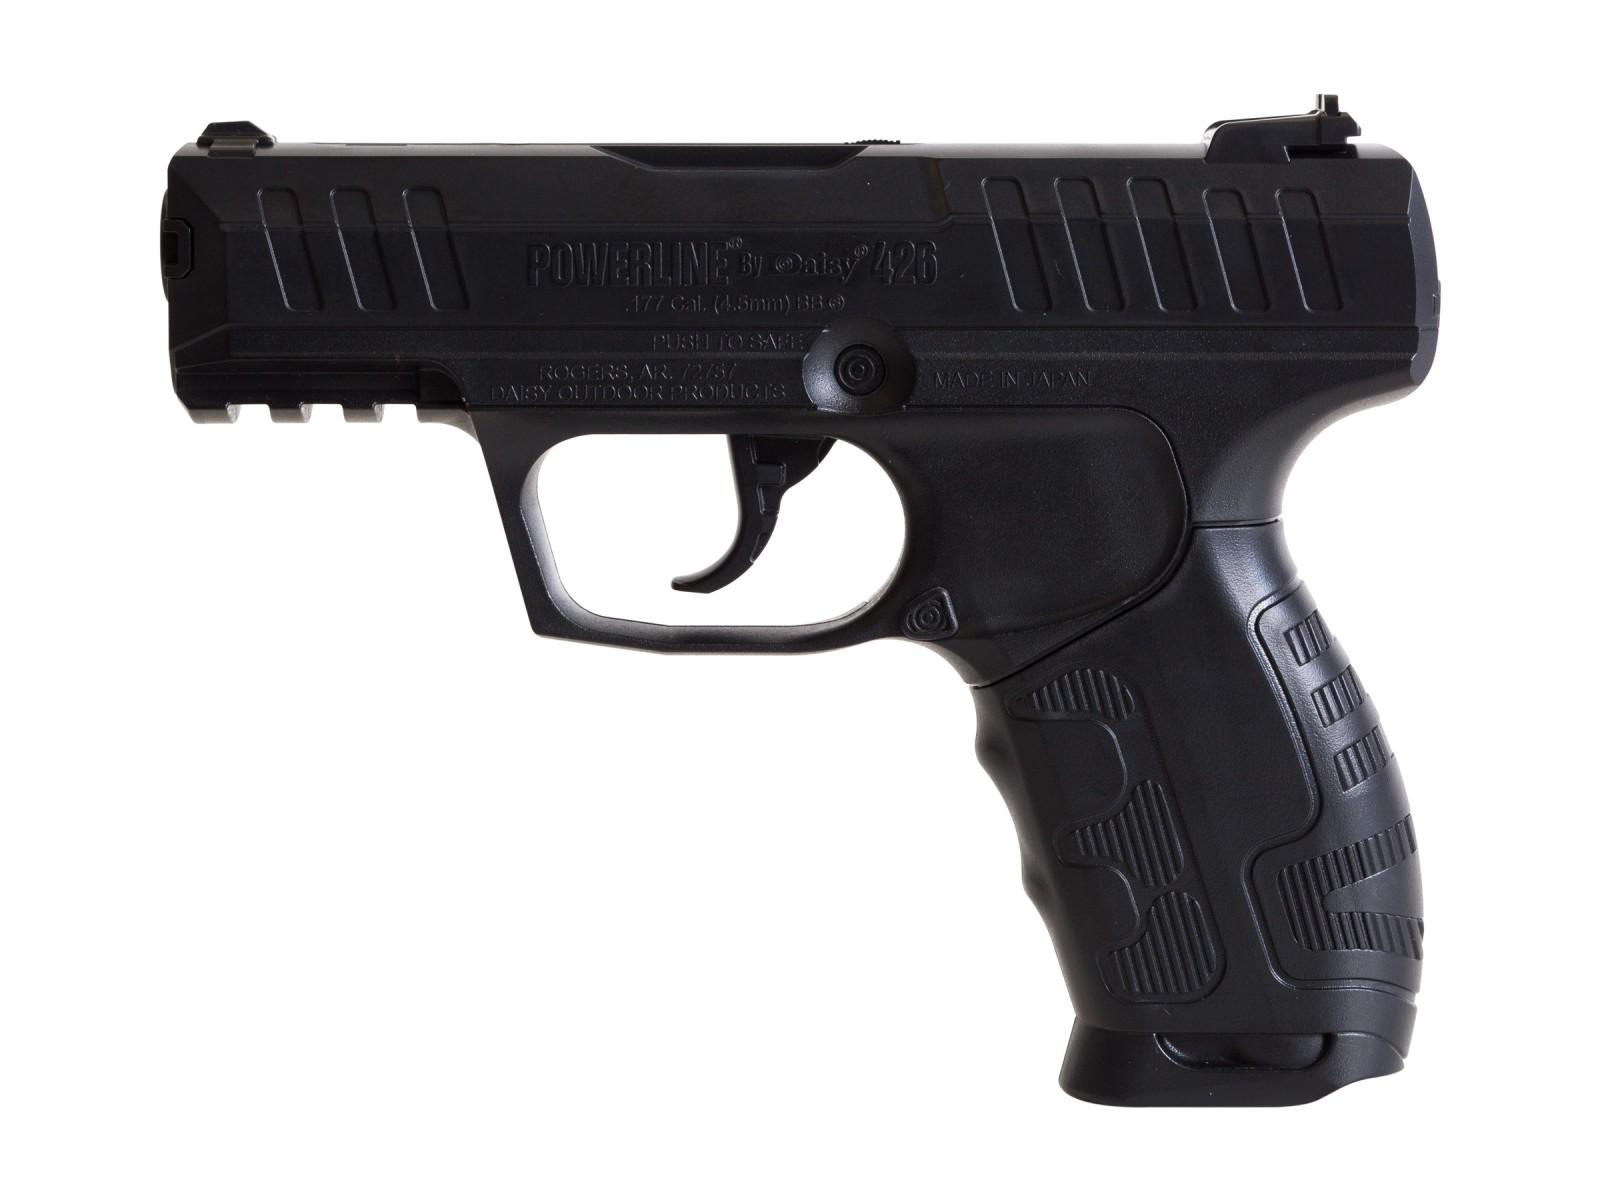 Daisy 426 CO2 BB Pistol 0.177